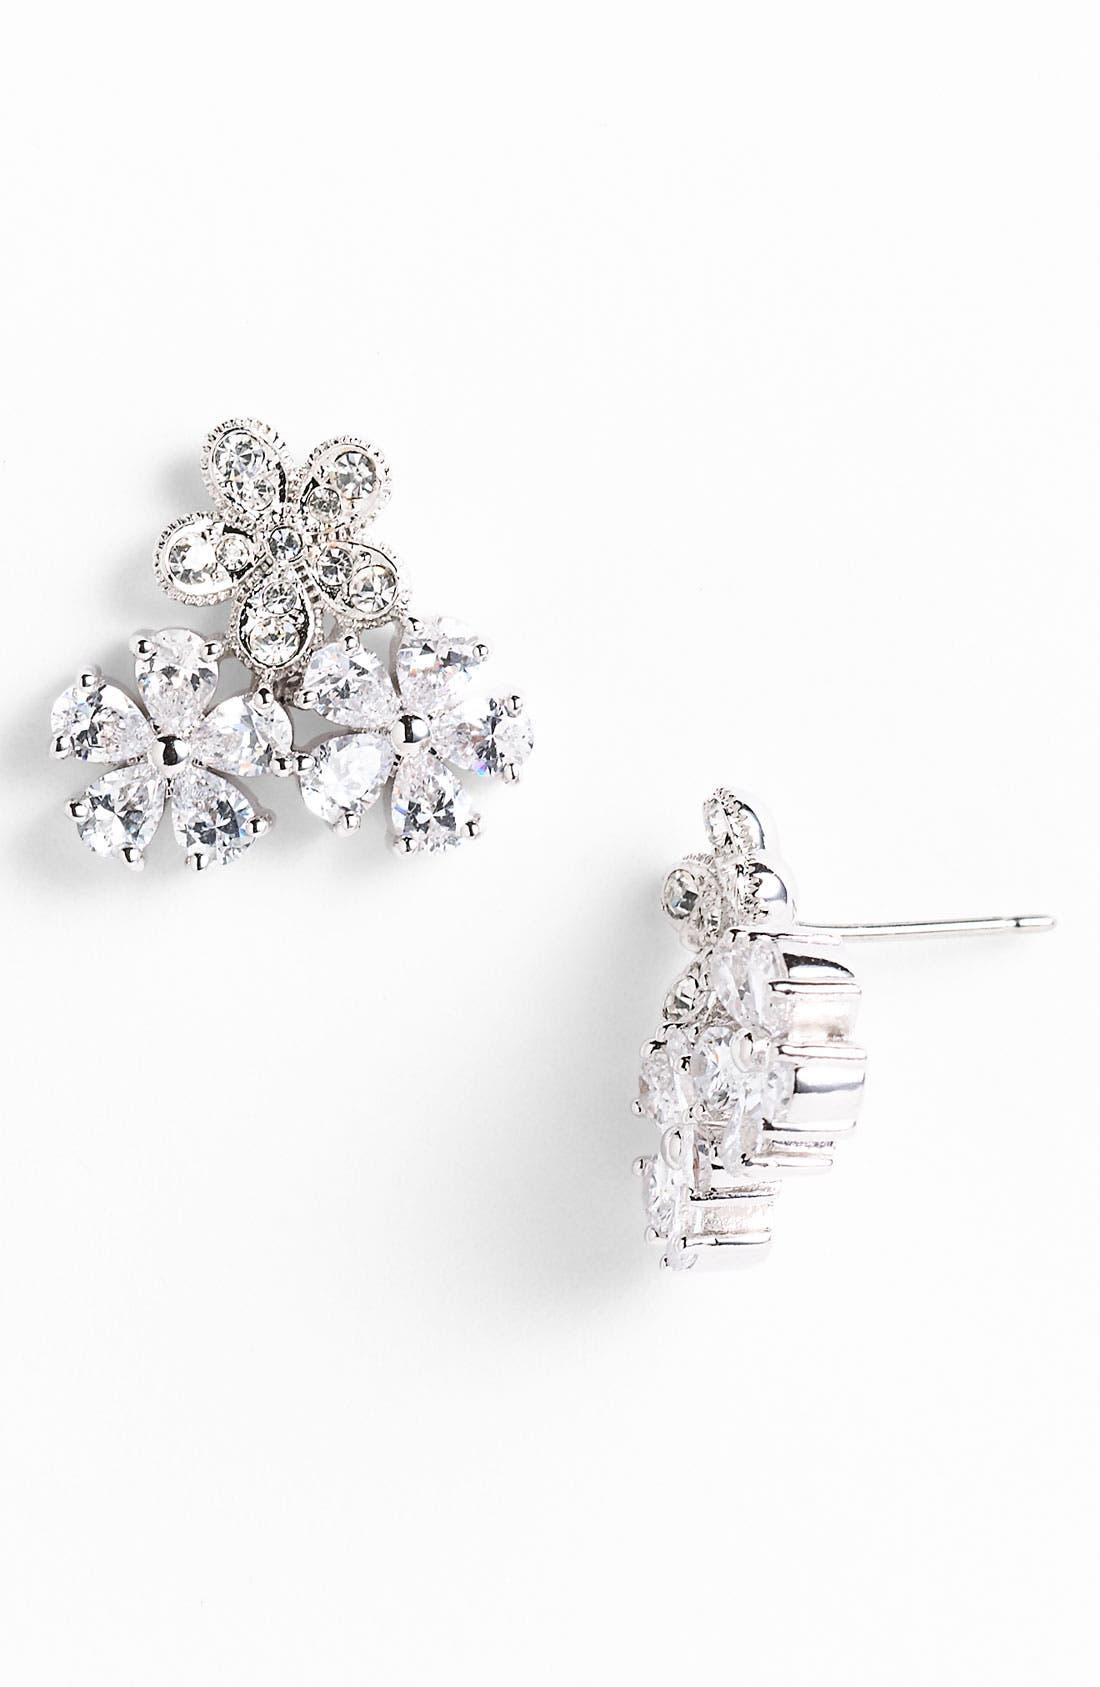 Alternate Image 1 Selected - Nadri 'Eden' Cluster Stud Earrings (Nordstrom Exclusive)